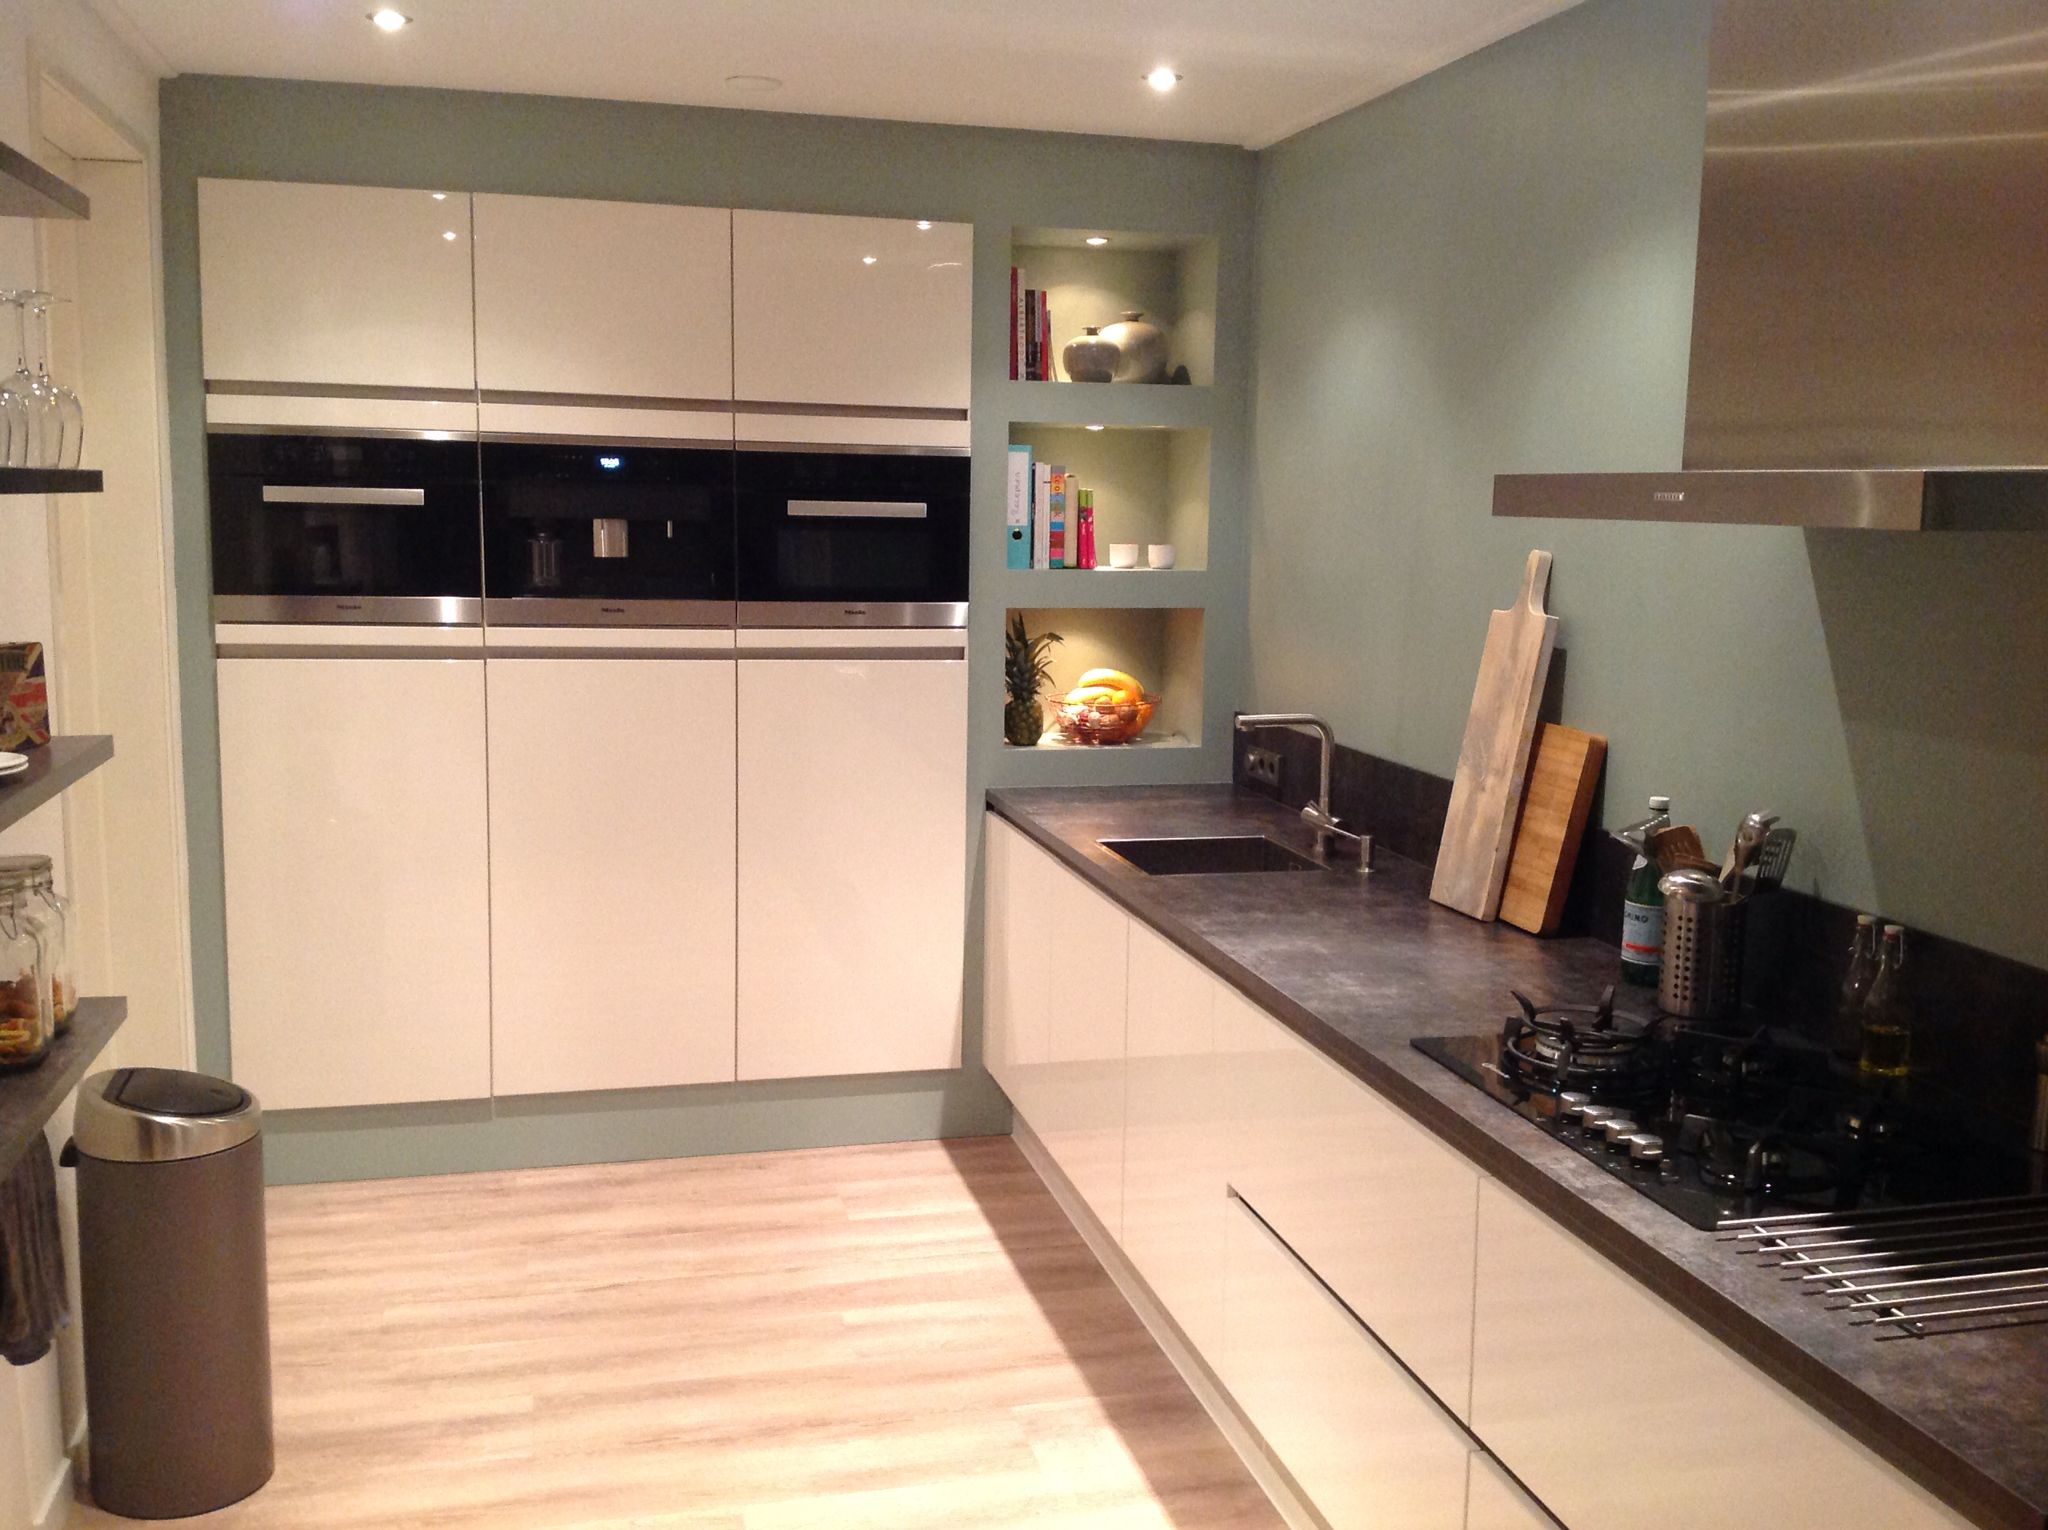 Hoogglans witte keuken met miele apparatuur en ingebouwde